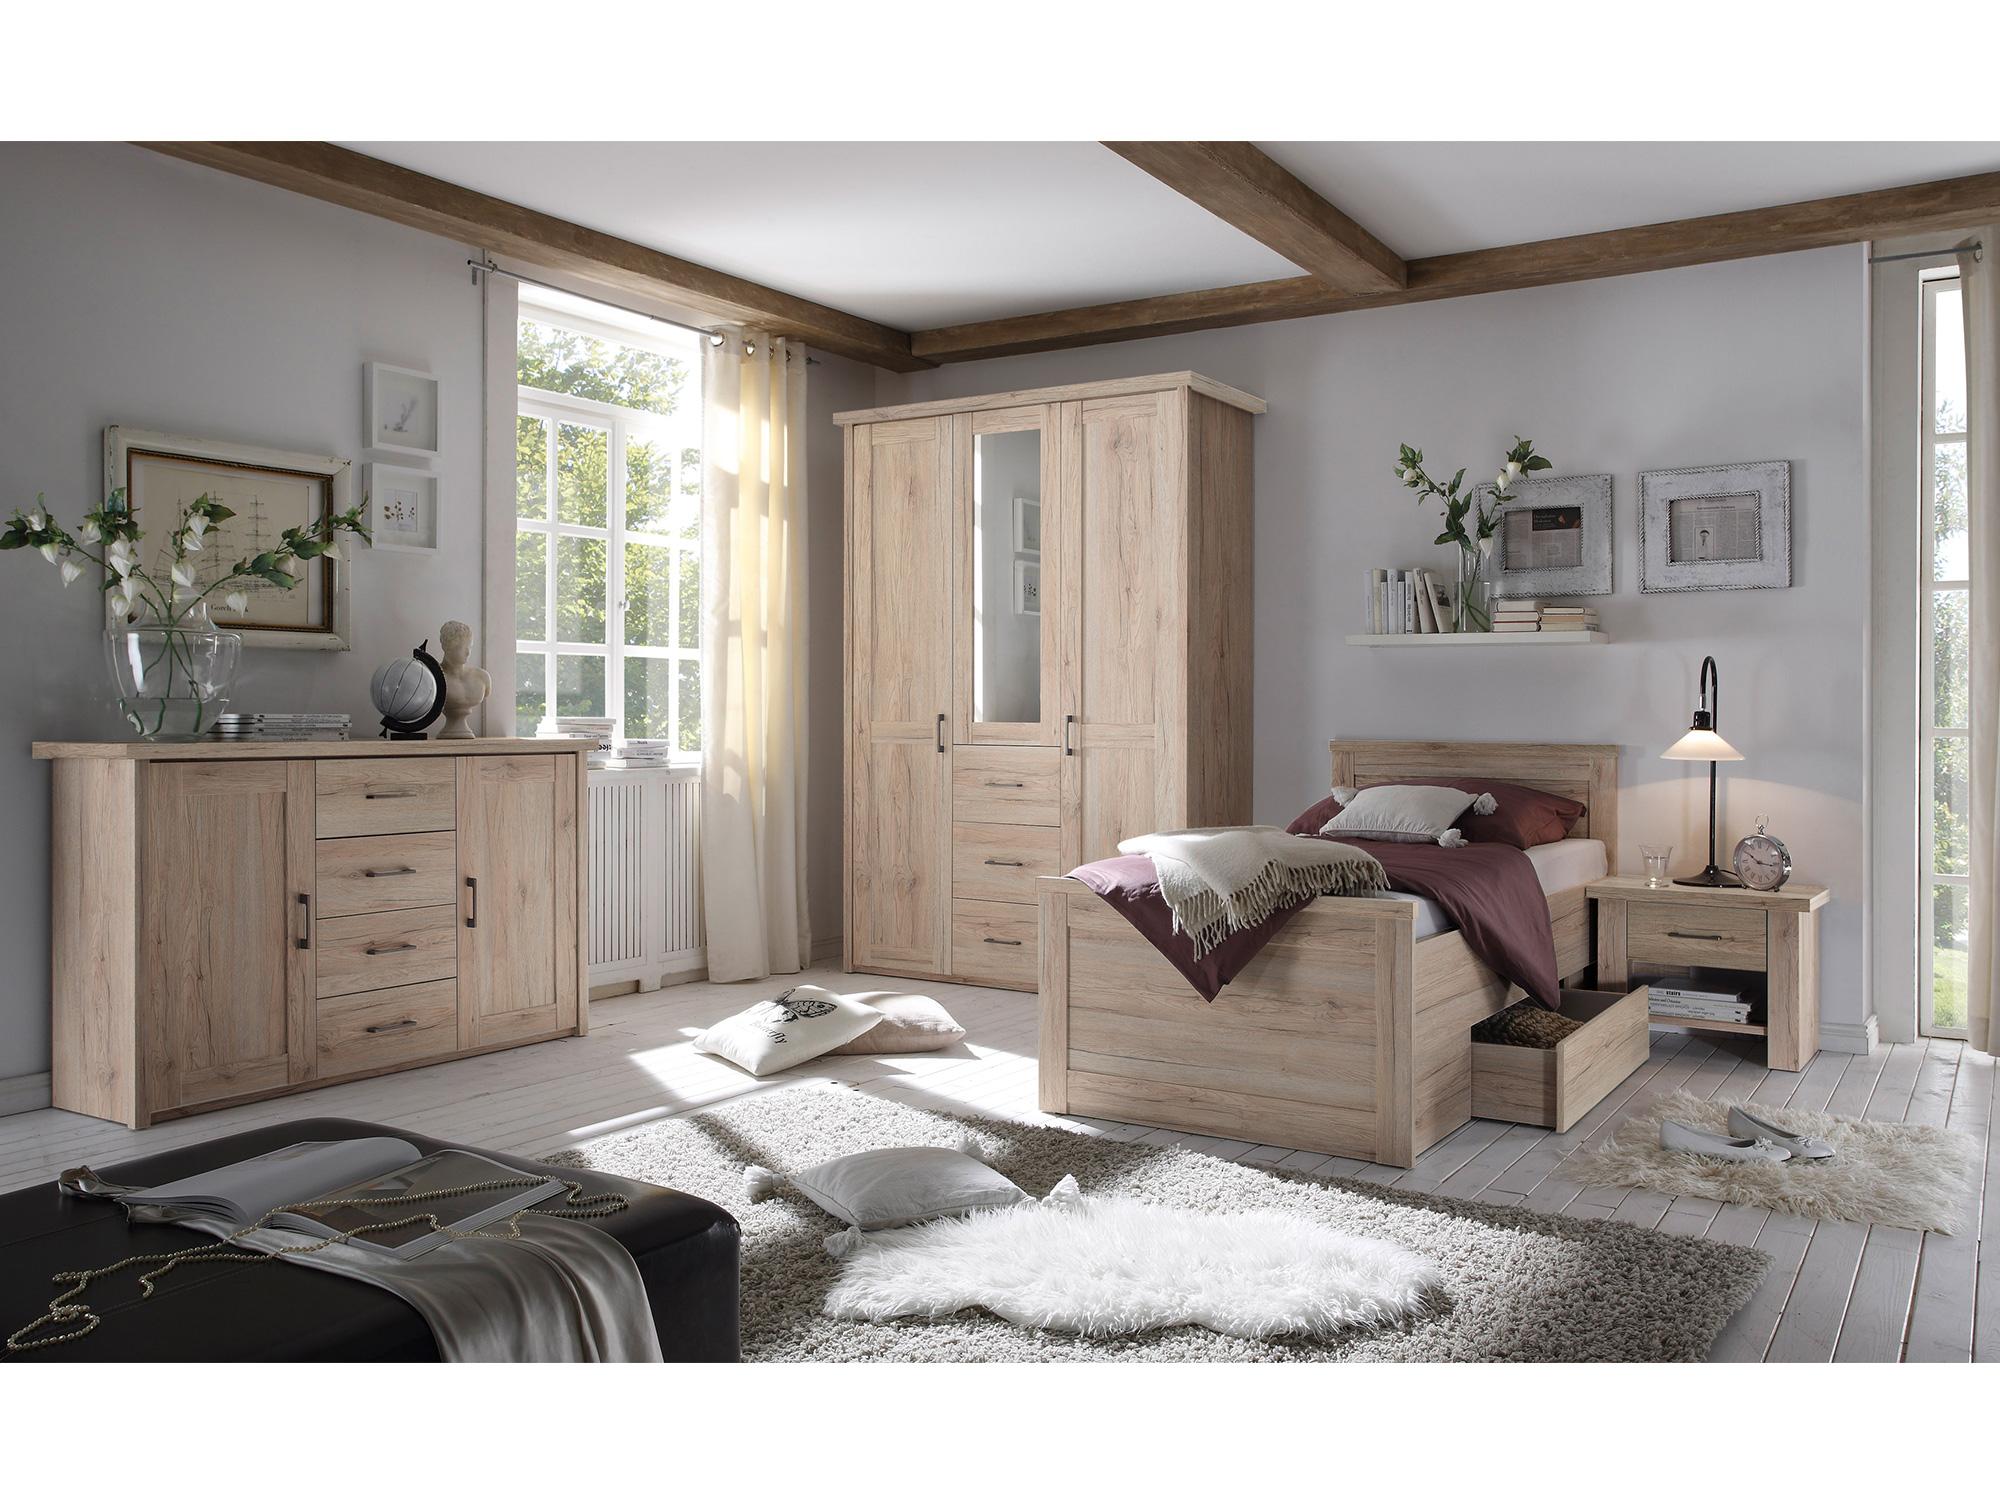 L ttich komplett schlafzimmer eiche san remo hell dekor - Schlafzimmer schnappchen ...